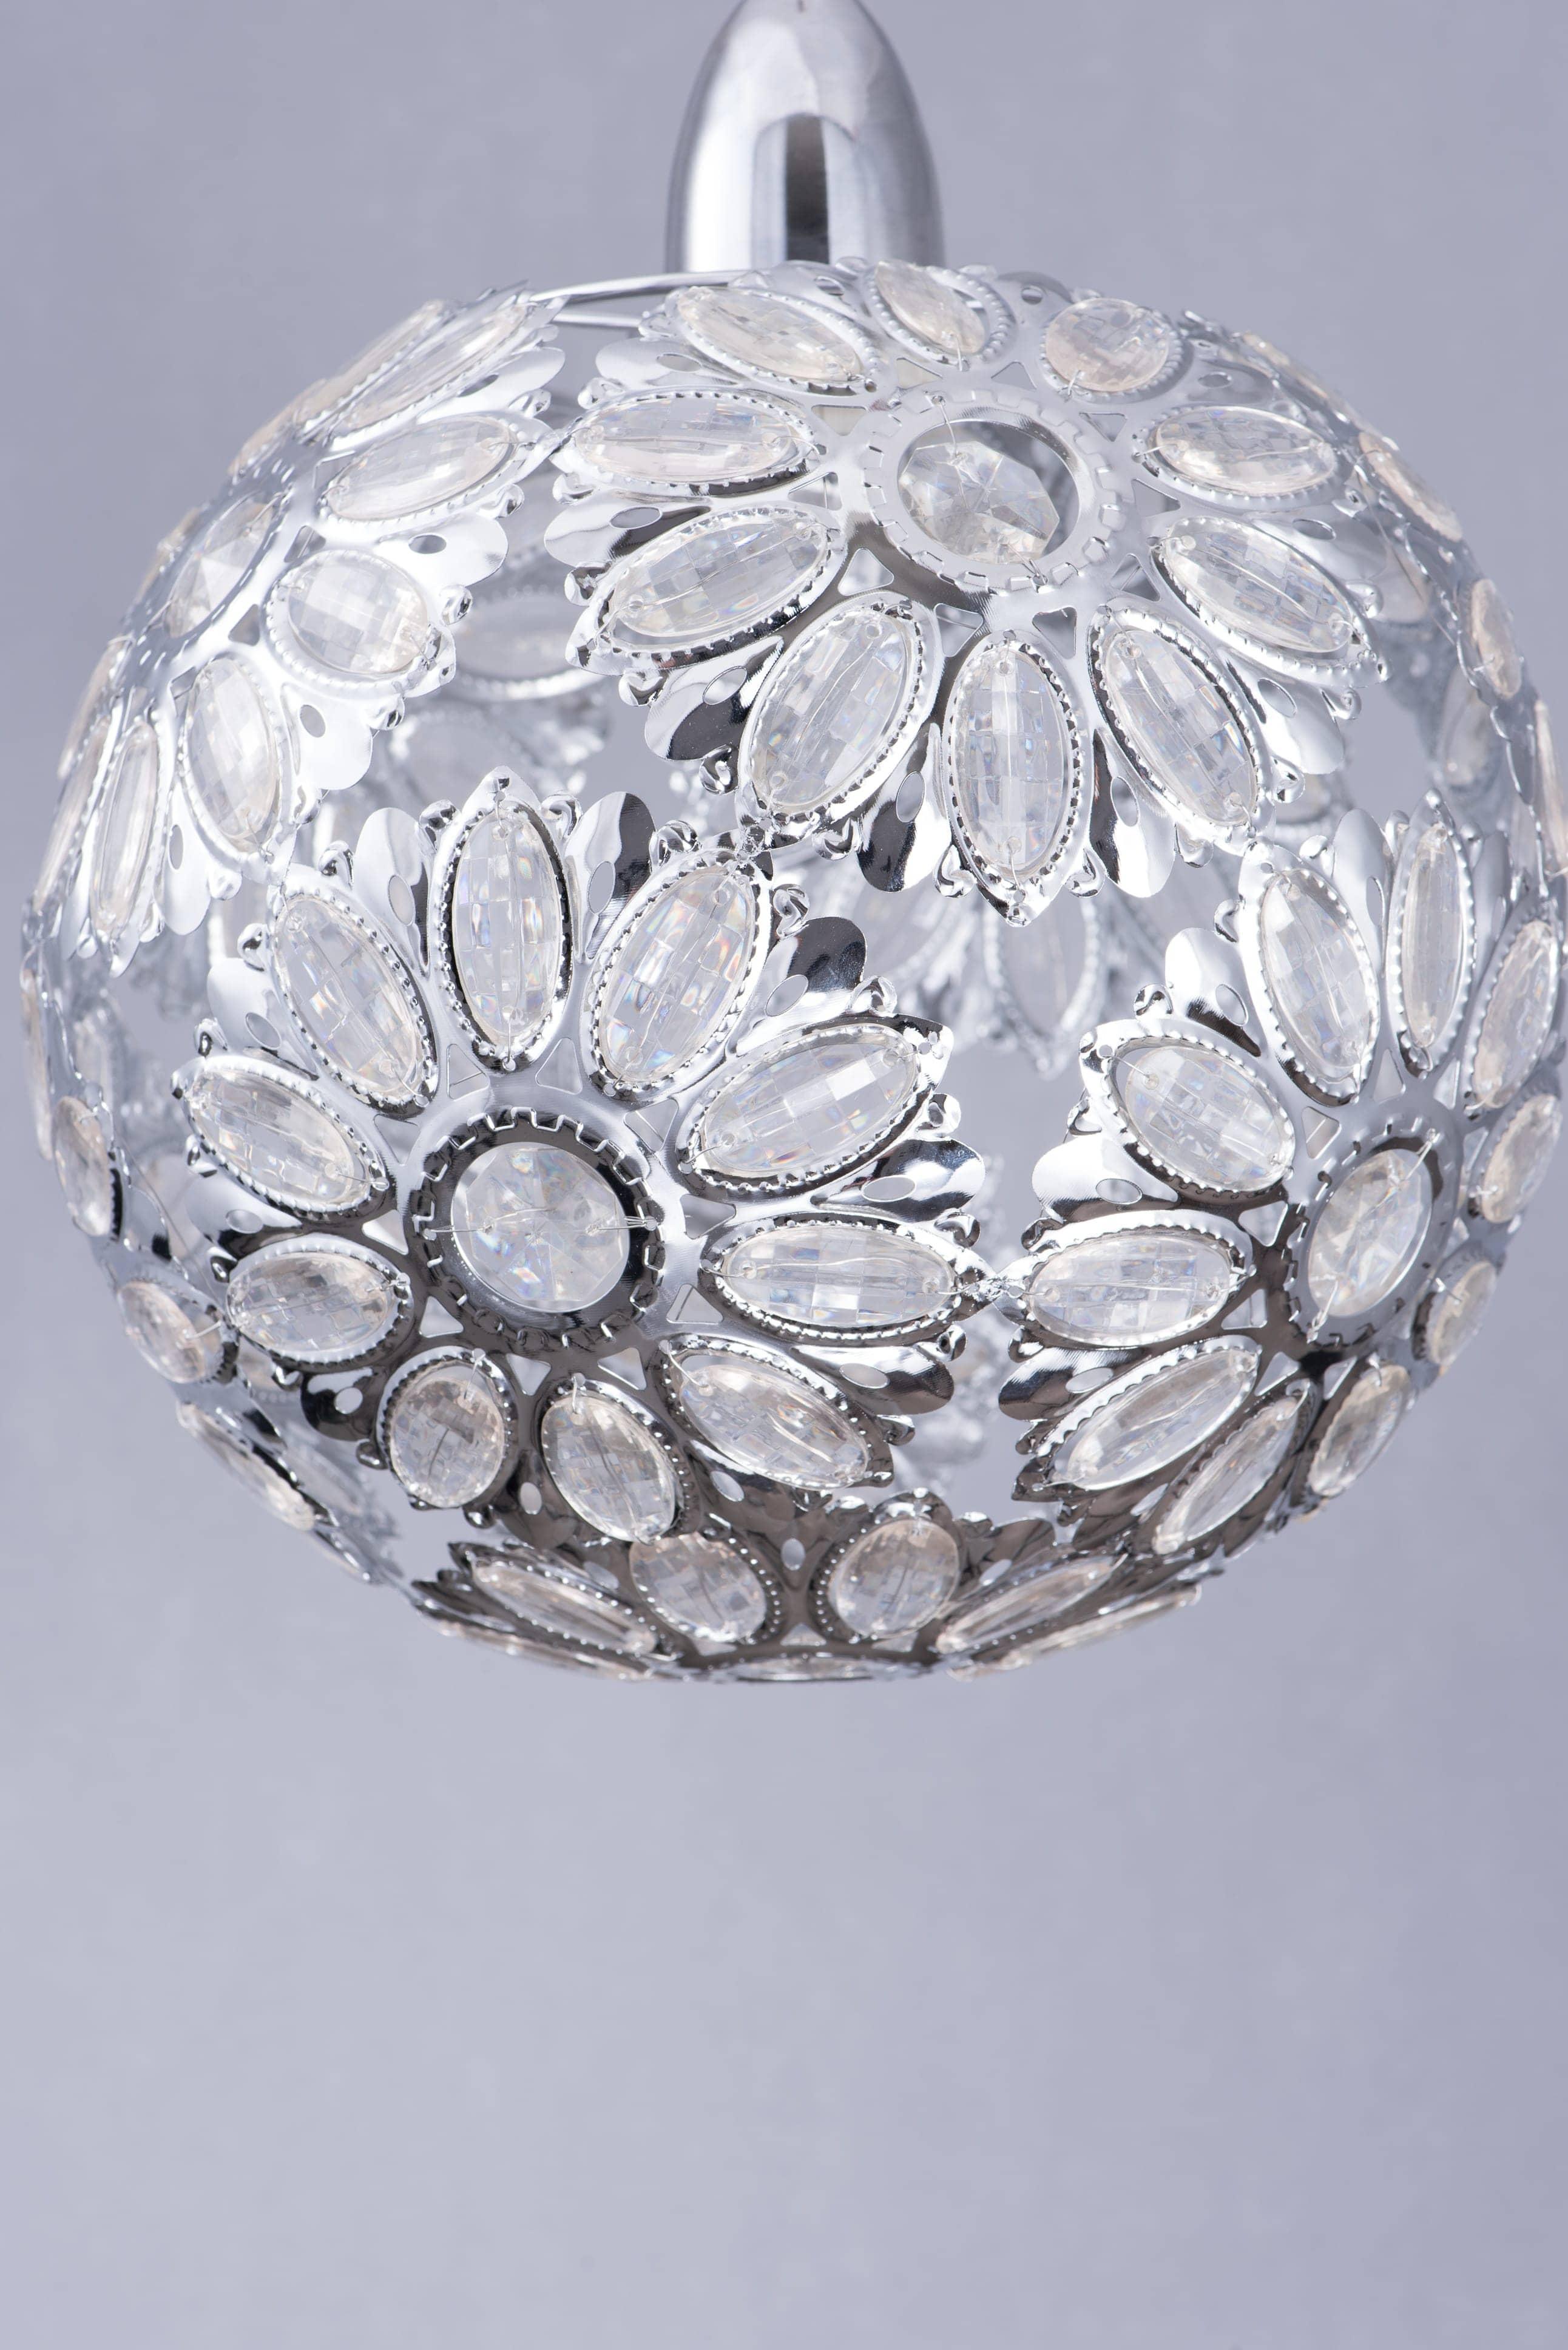 鍍鉻波斯蘭菊吊燈-BNL00086 0